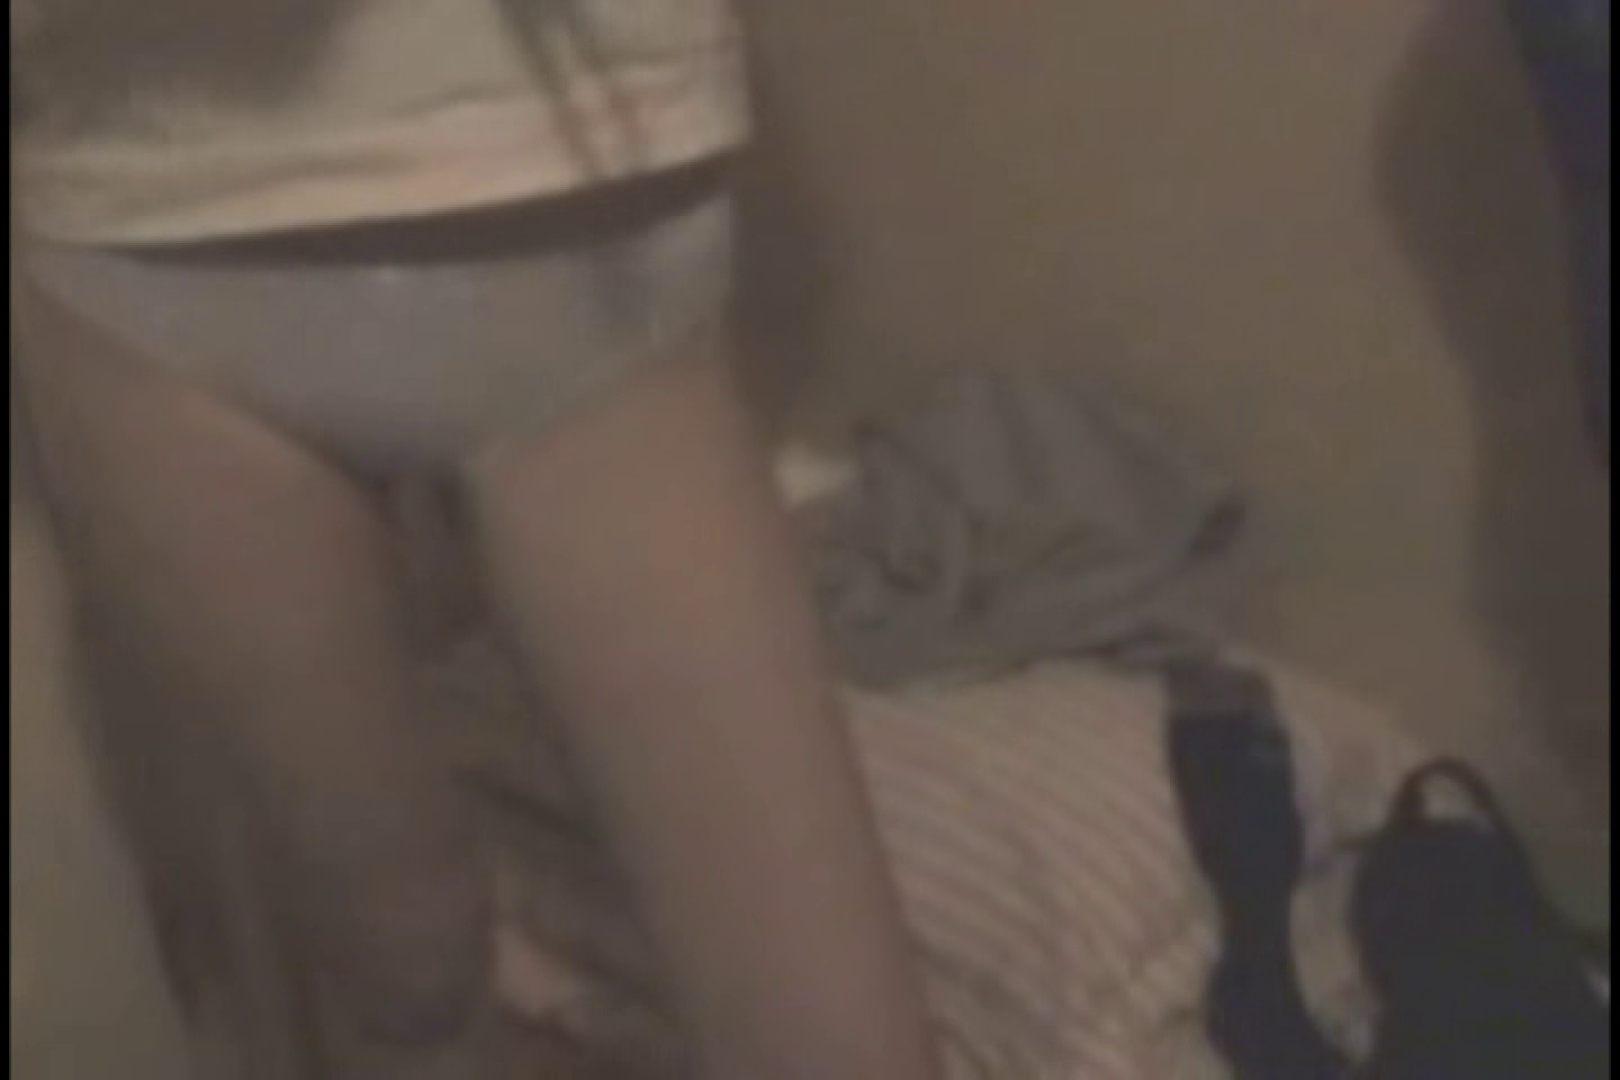 コリアン素人流出シリーズ 素人セフレ仲間でセックスパーティー 無修正マンコ   オマンコギャル  64連発 21